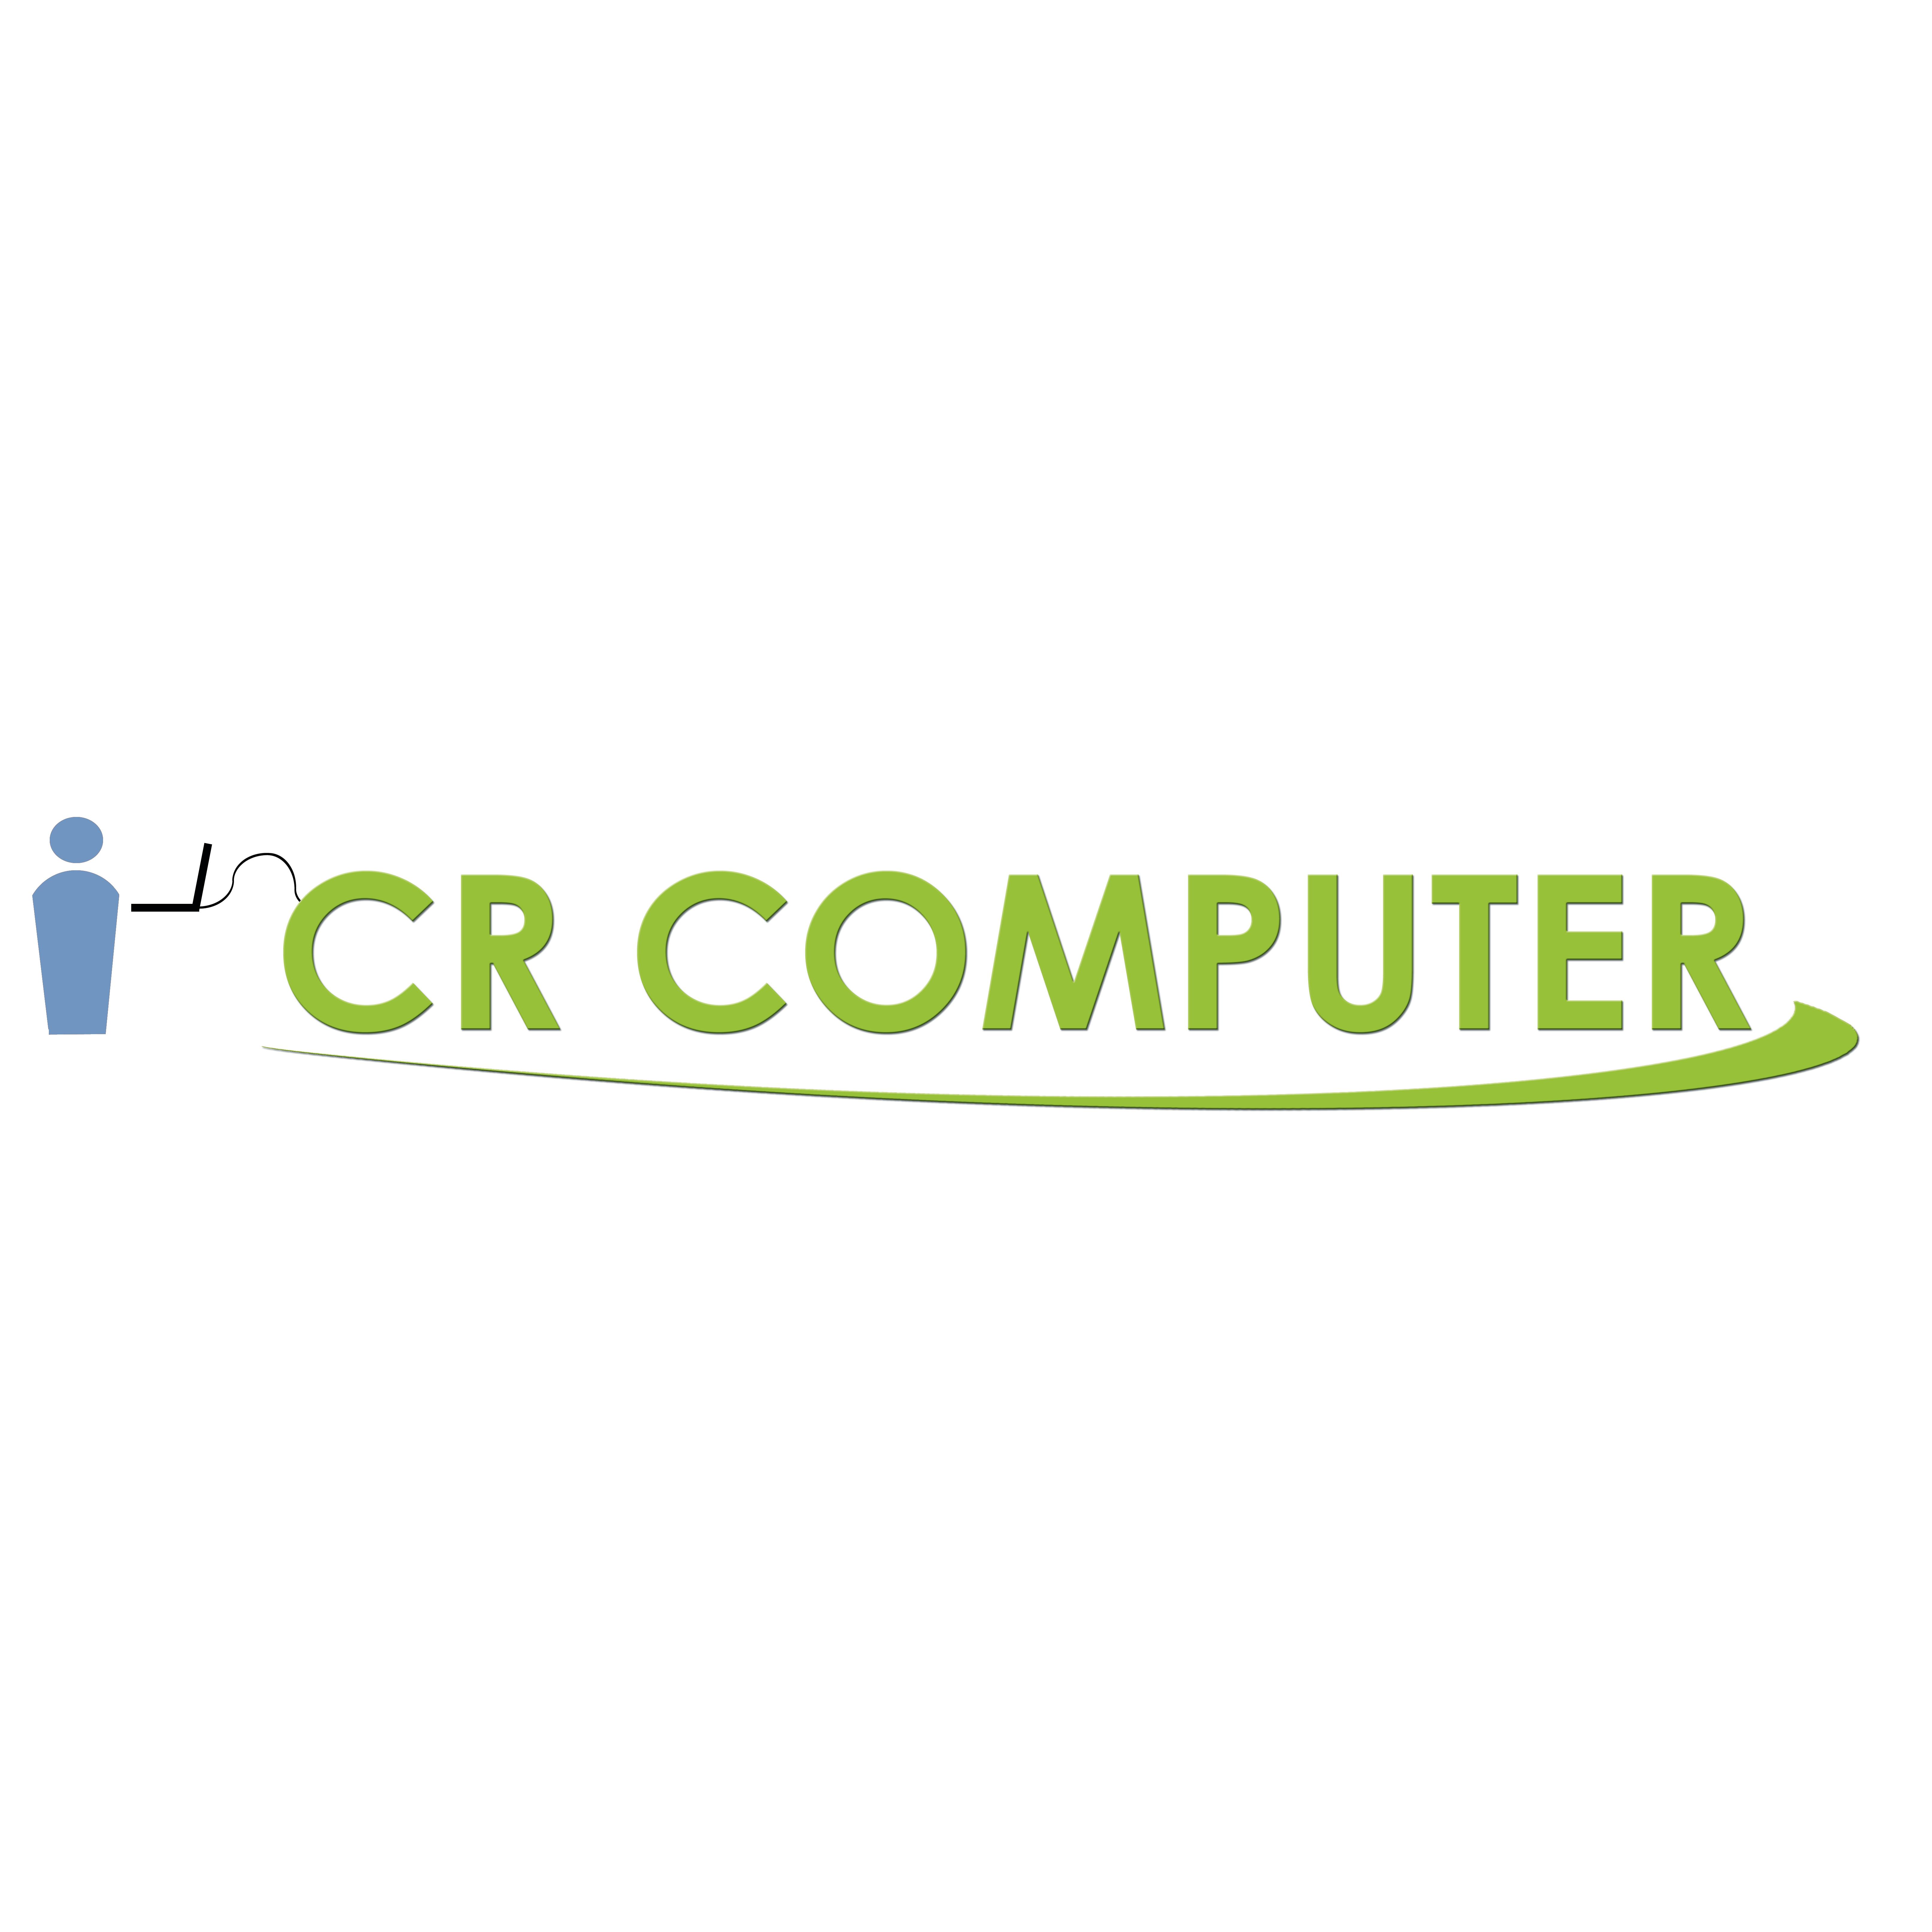 C R Computer Repair image 3